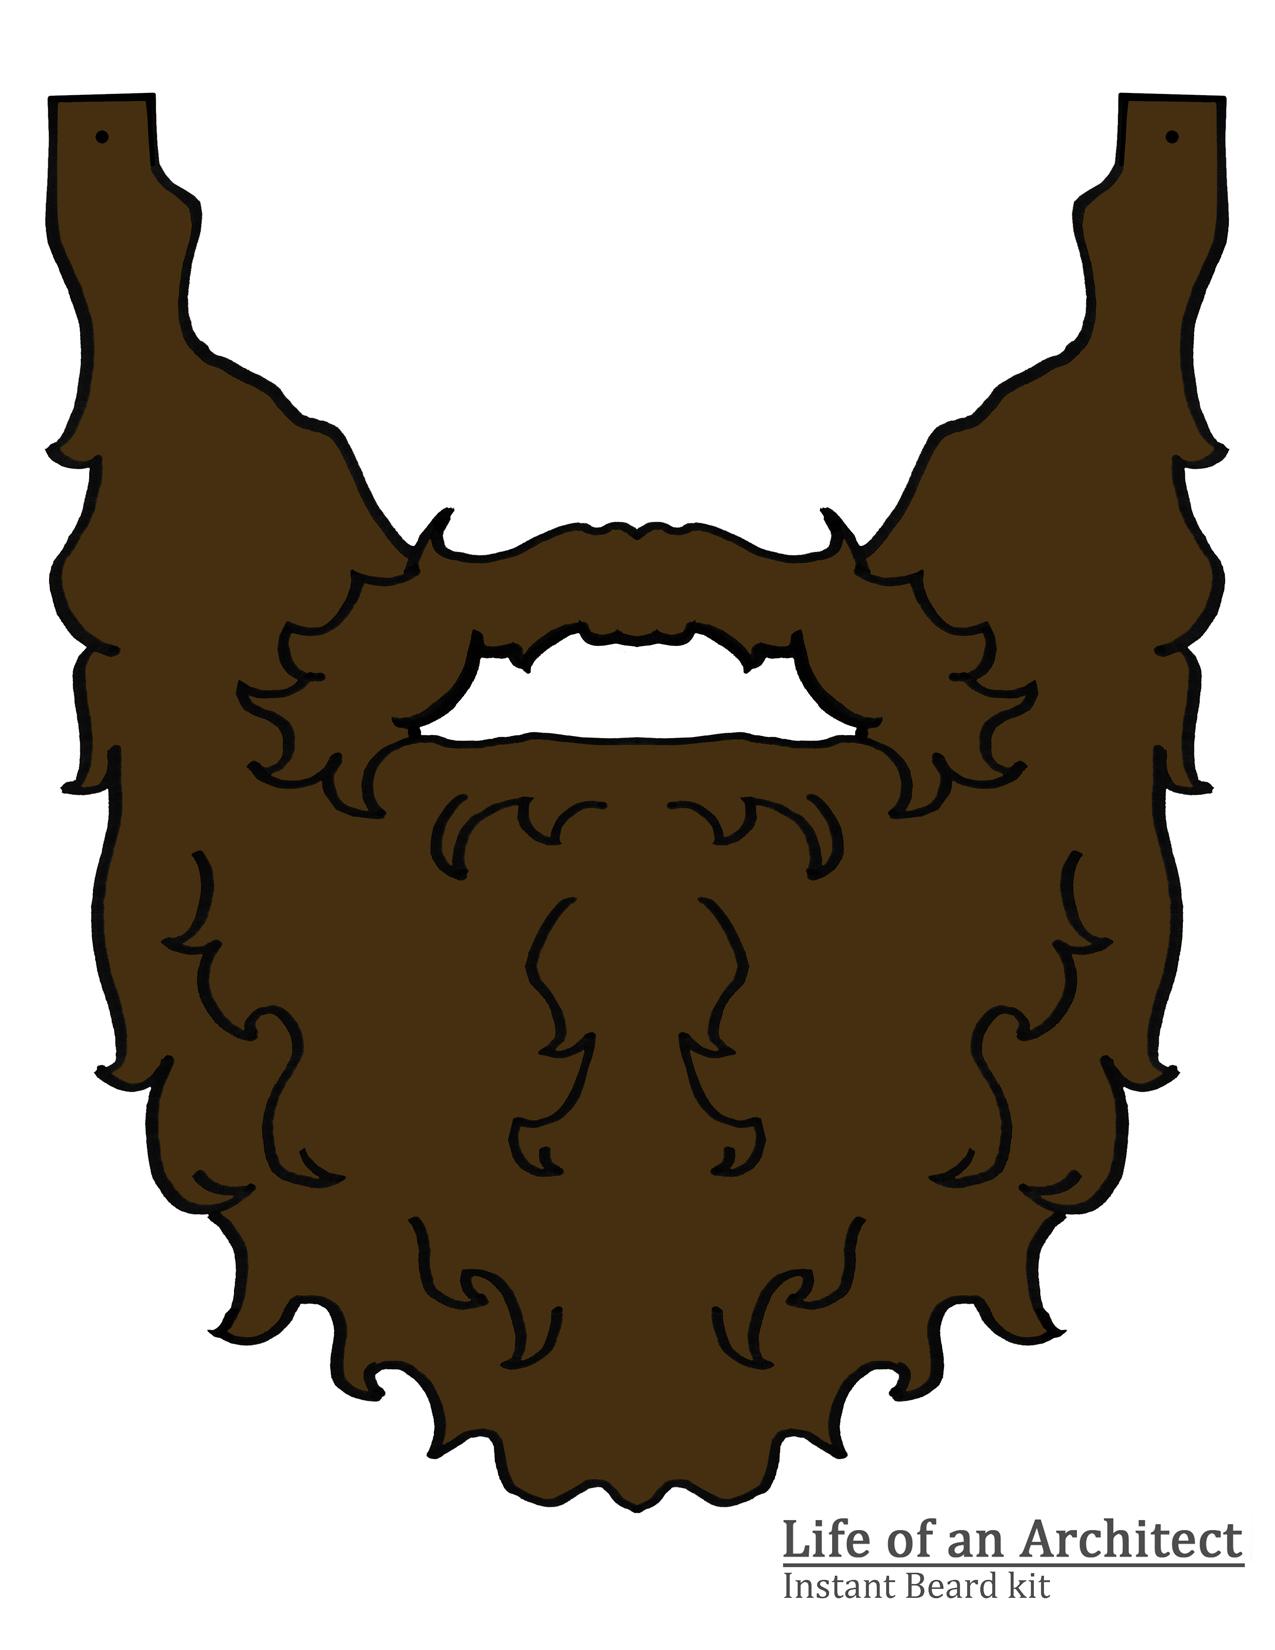 #34530153 браун усы и борода, изолированных